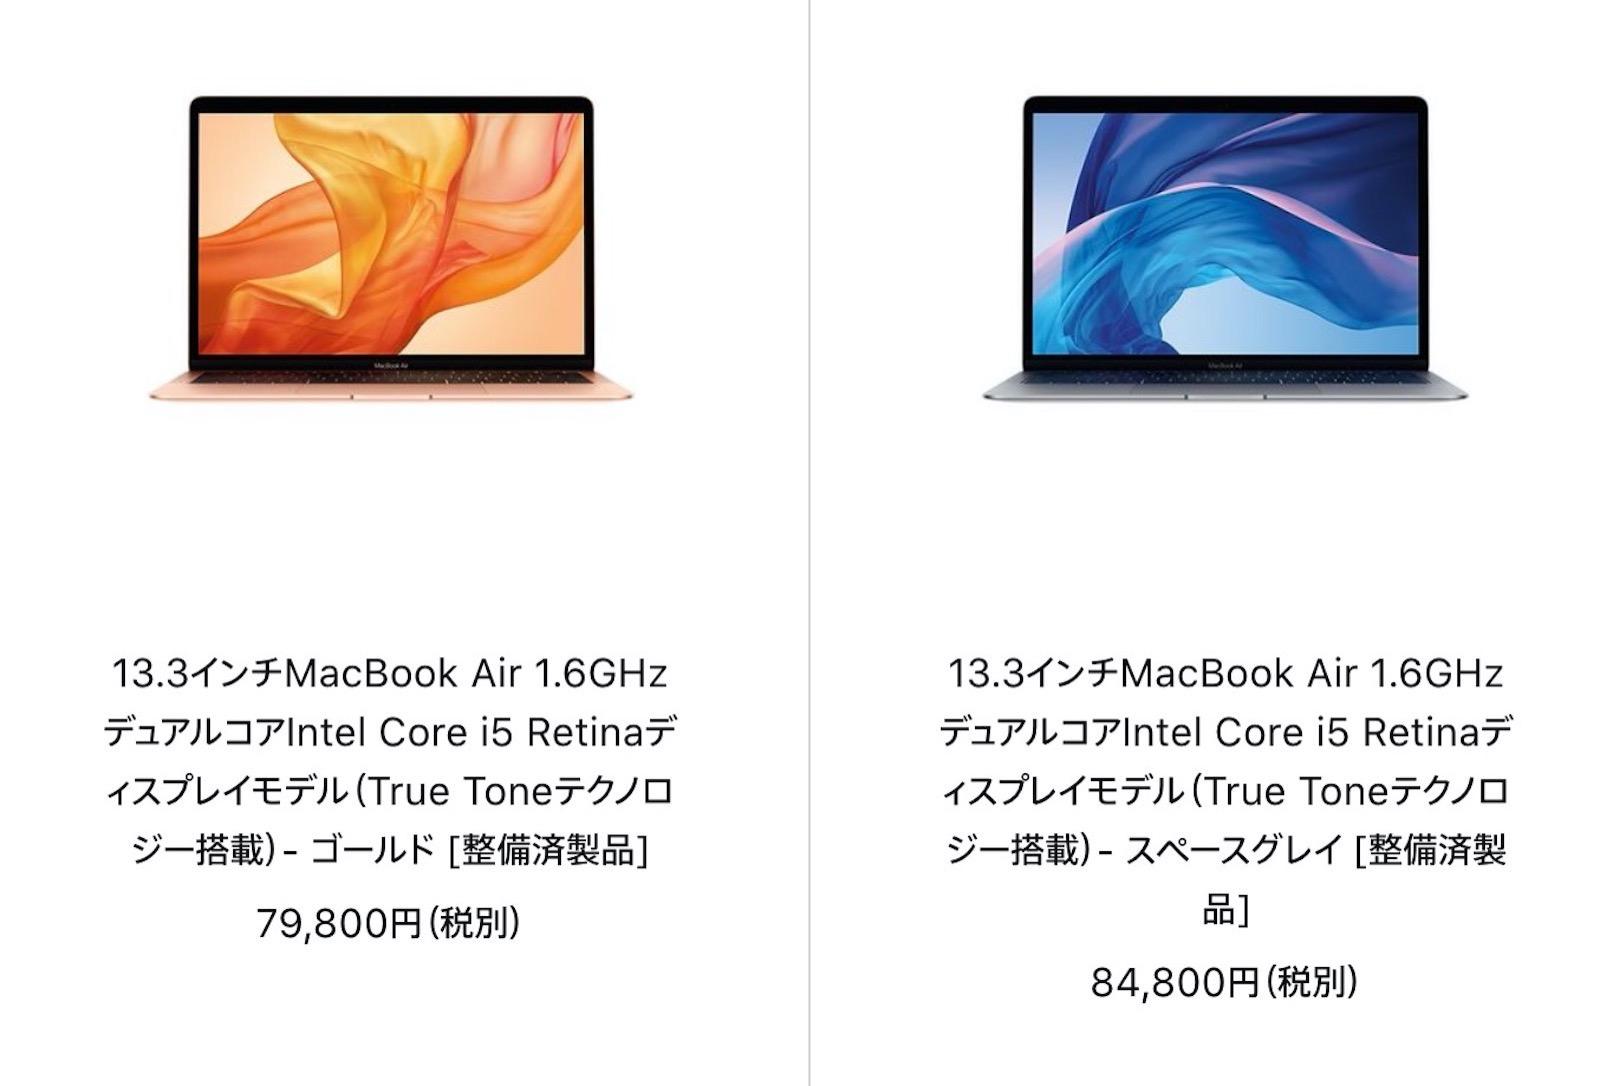 Macbookair refurbished models on sale